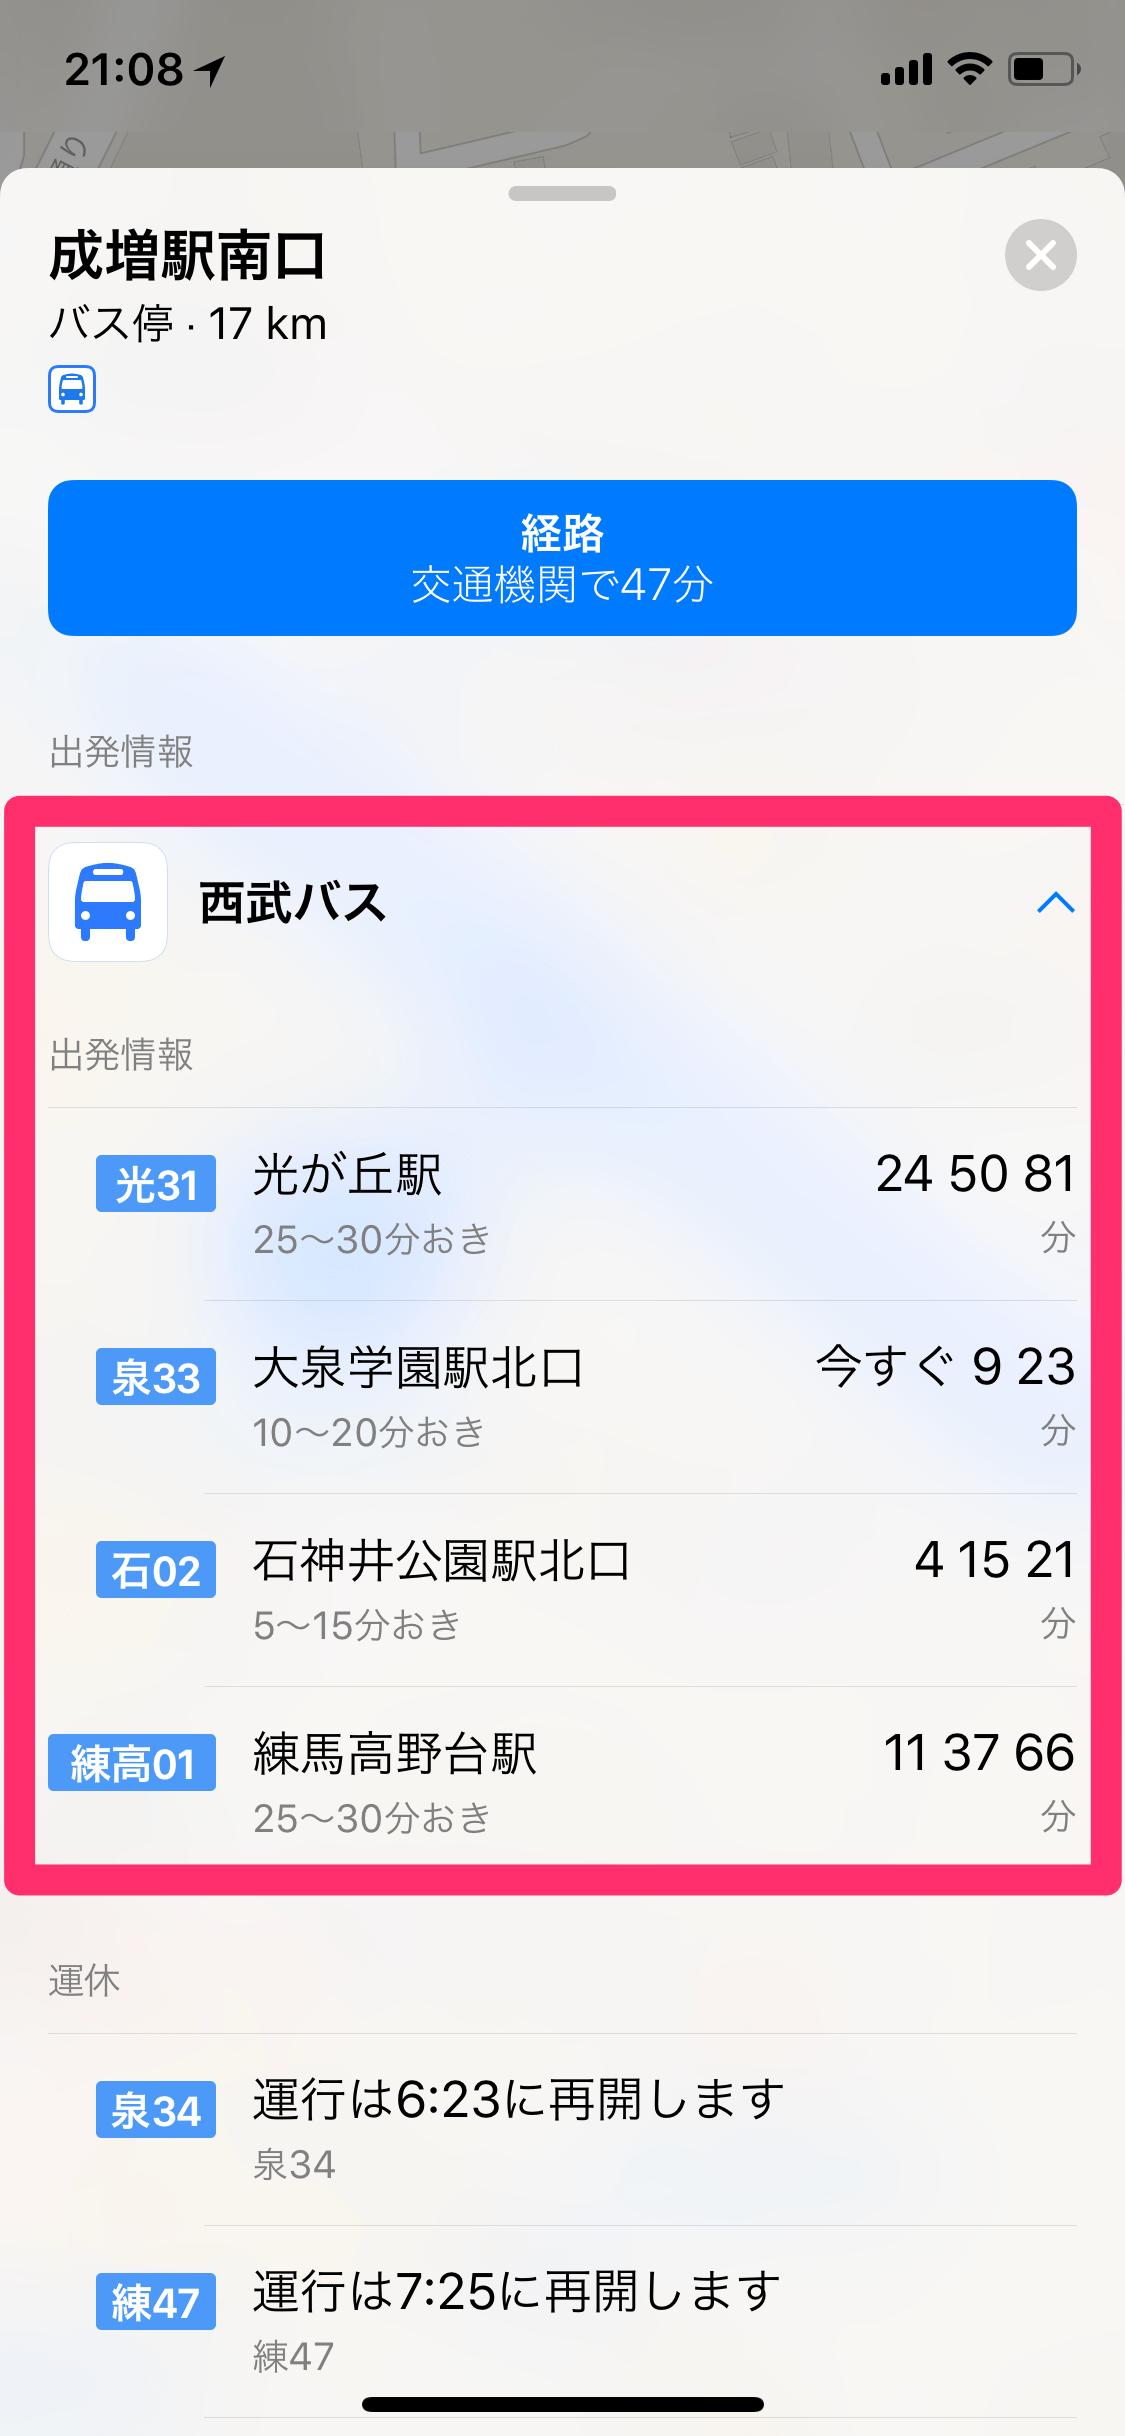 iPhoneの[マップ]アプリがまた進化! 駅の出入口とエスカレーターの有無がわかるように